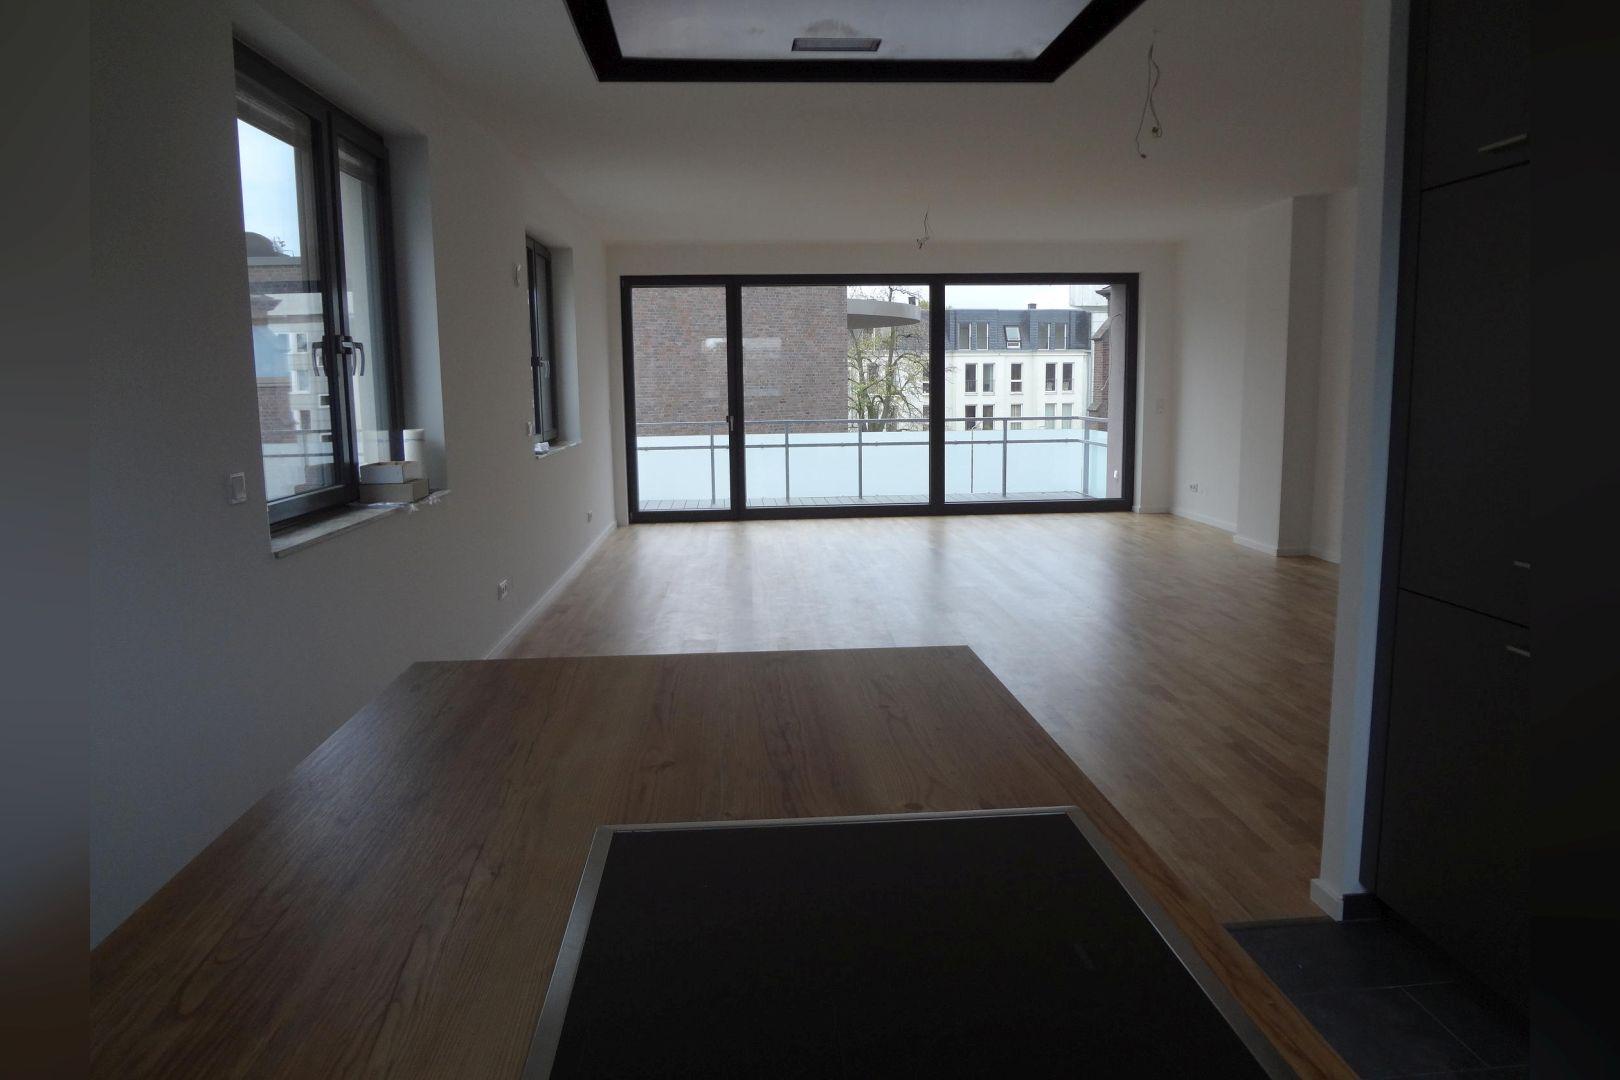 Immobilie Nr.0285 - 3-Zimmer-Maisonettewohnung mit Dachterrasse und TG-Stellplatz - Bild 7.jpg